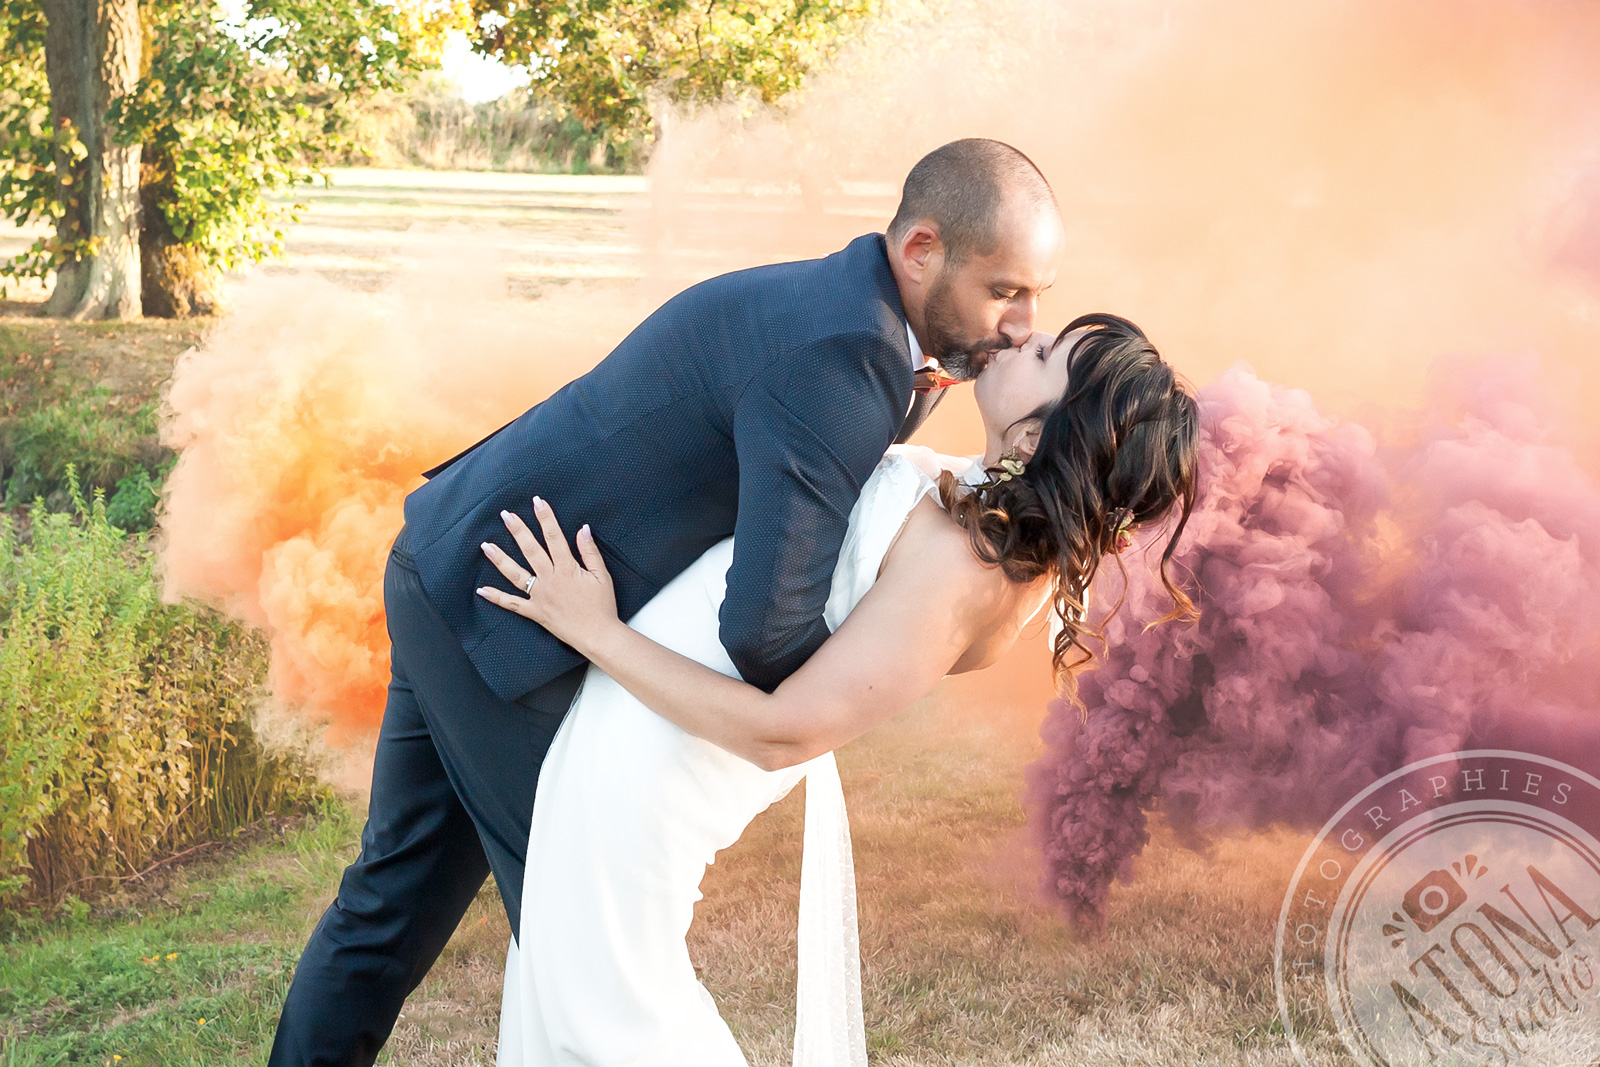 Mariage-nature-et-fumigène